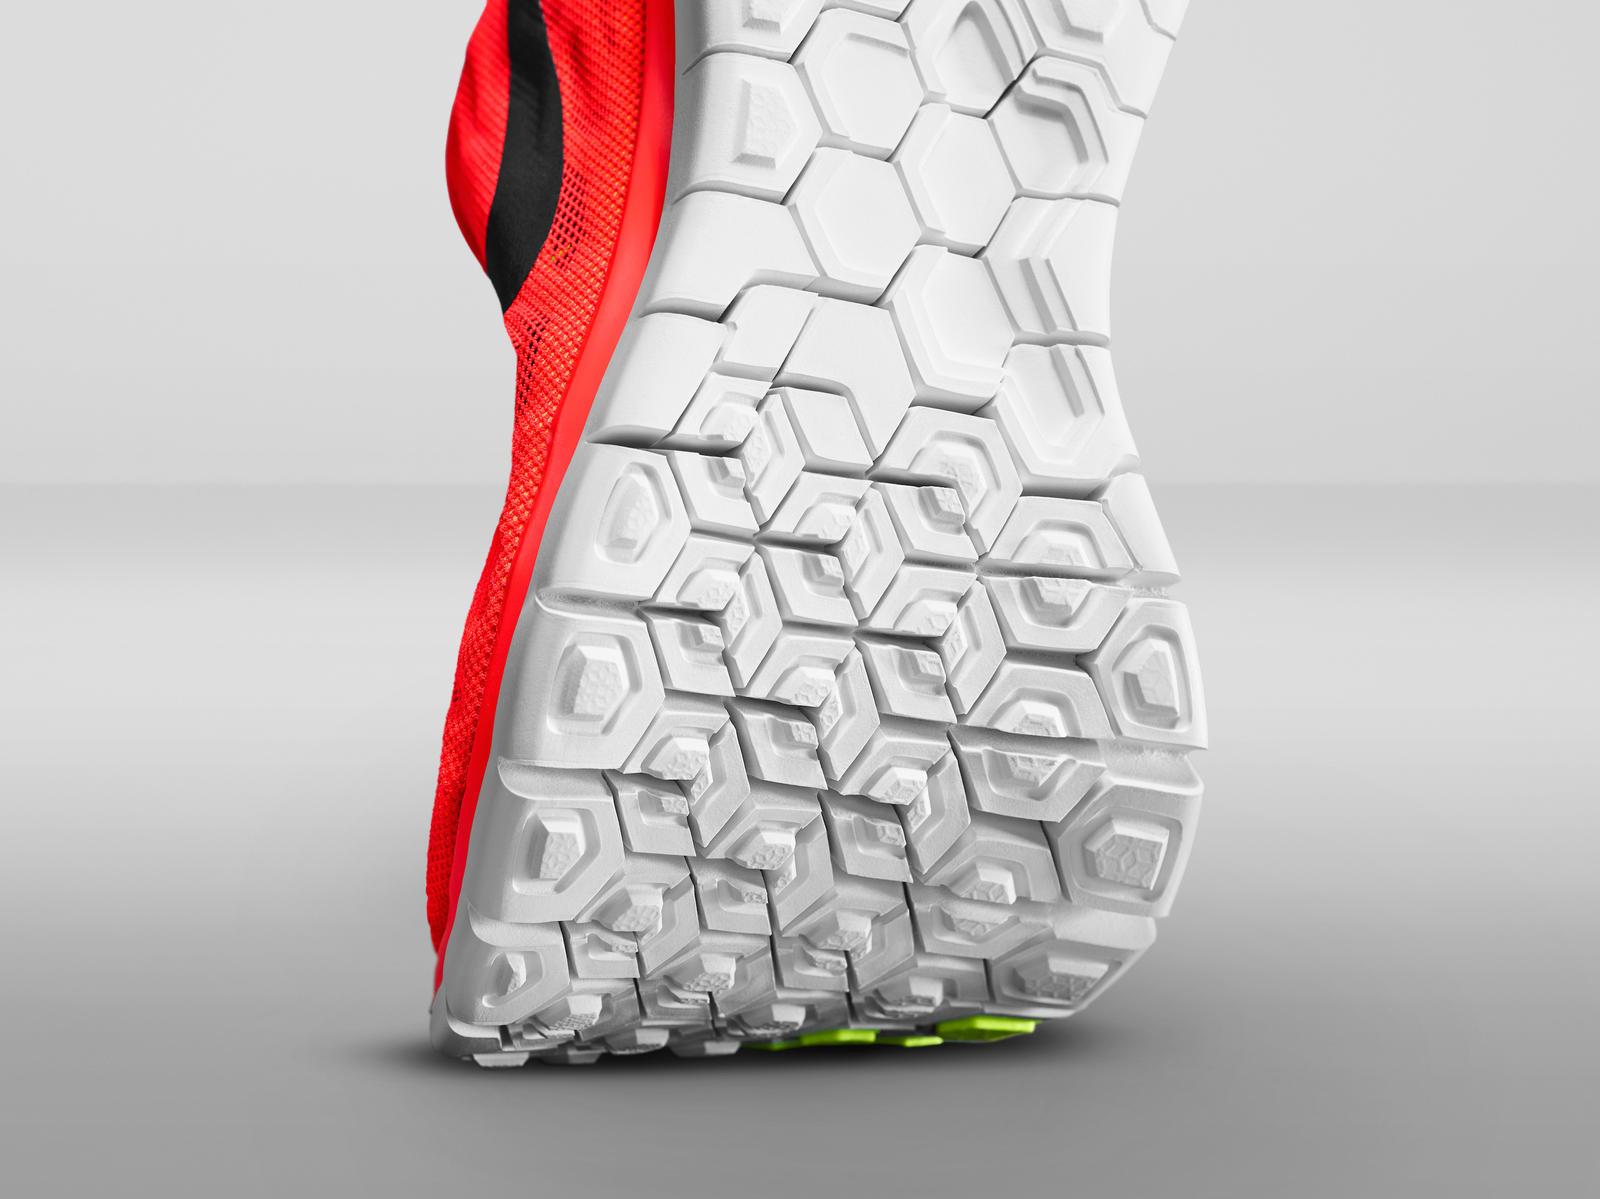 SU15_W_NikeFree_5_0_Pair_Heel_39244_porto 18